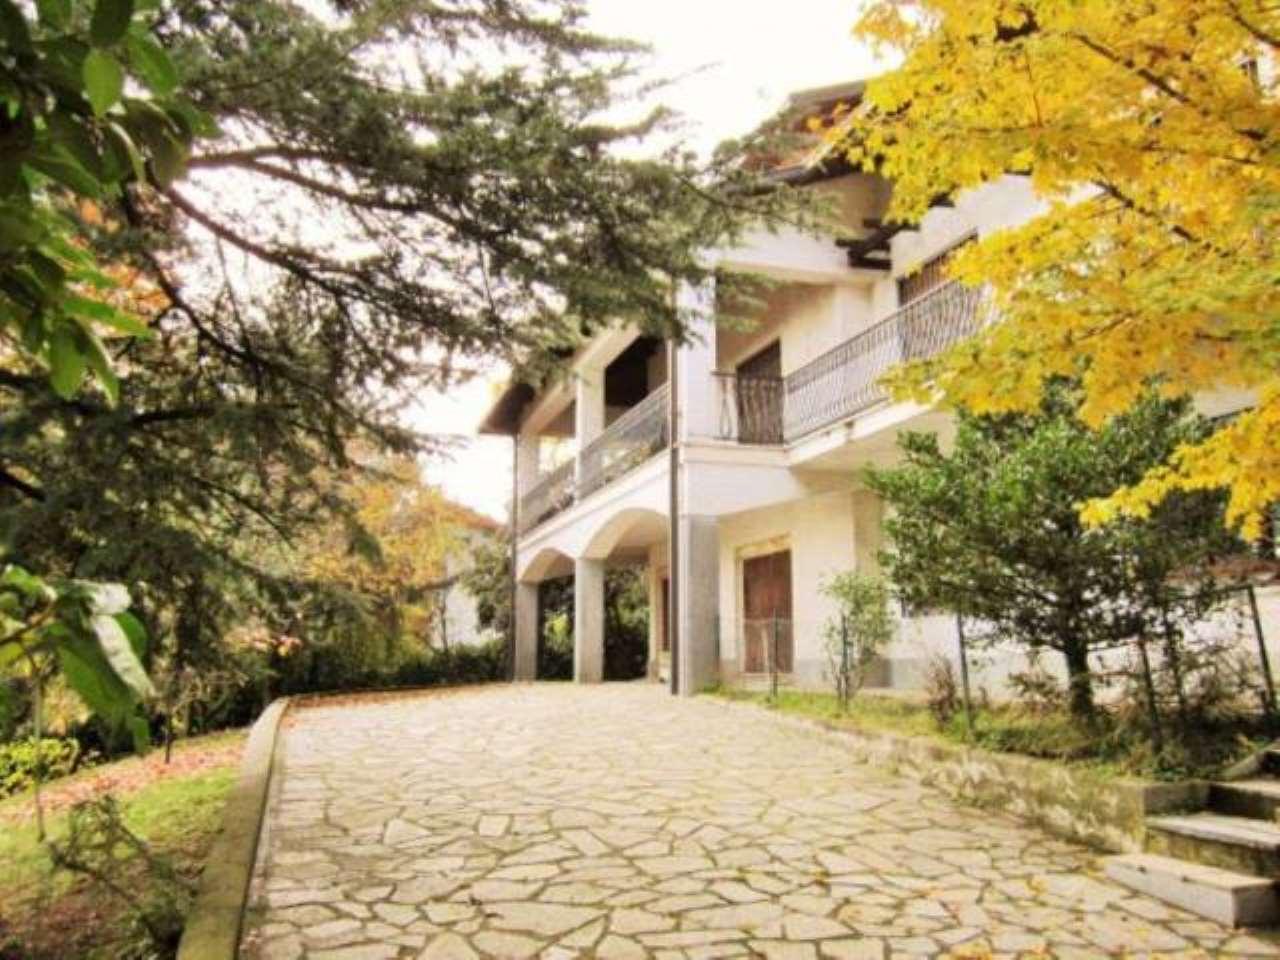 Villa in vendita a Moncalieri, 9999 locali, prezzo € 650.000 | CambioCasa.it